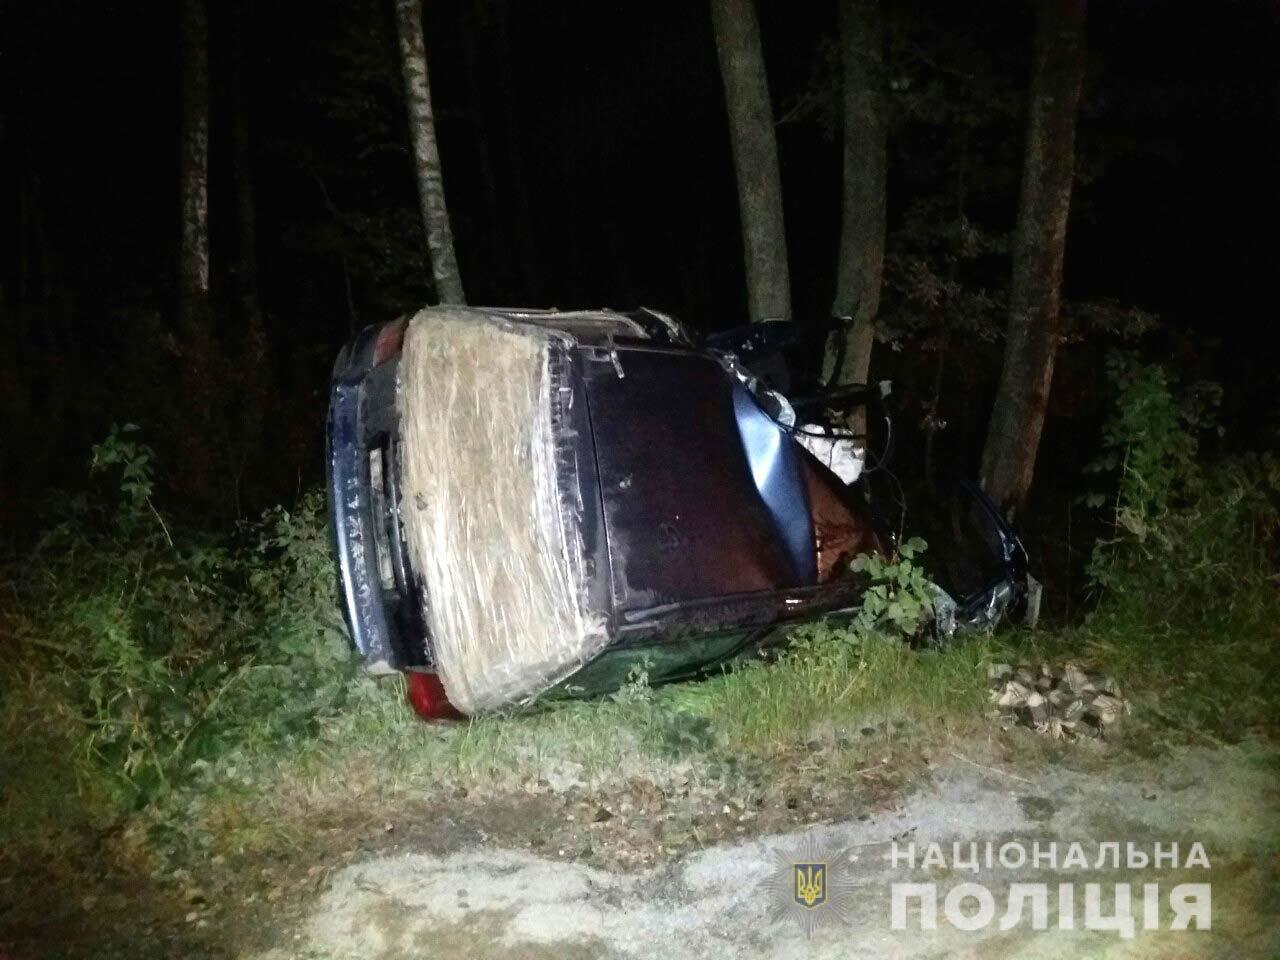 Авто розбите вщент, водій загинув: на Рівненщині Фольцваген врізався у дерево (ФОТО), фото-2